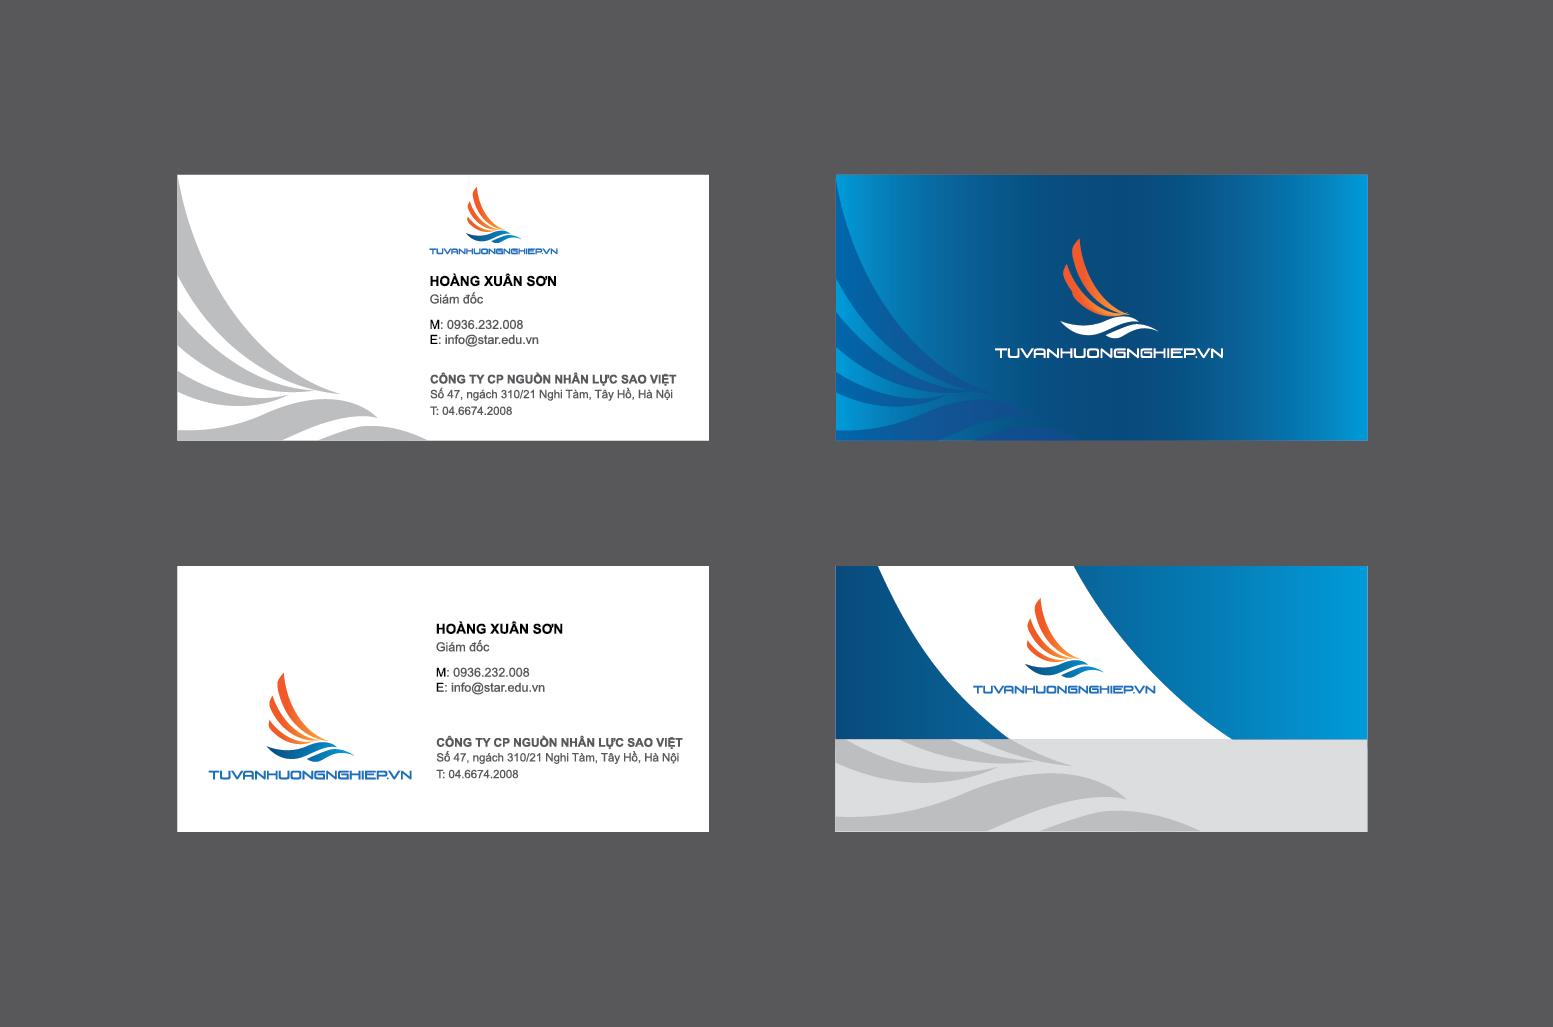 Thiết kế logo nhận diện thương hiệu Tư Vấn Hướng Nghiệp tại Hà Nội